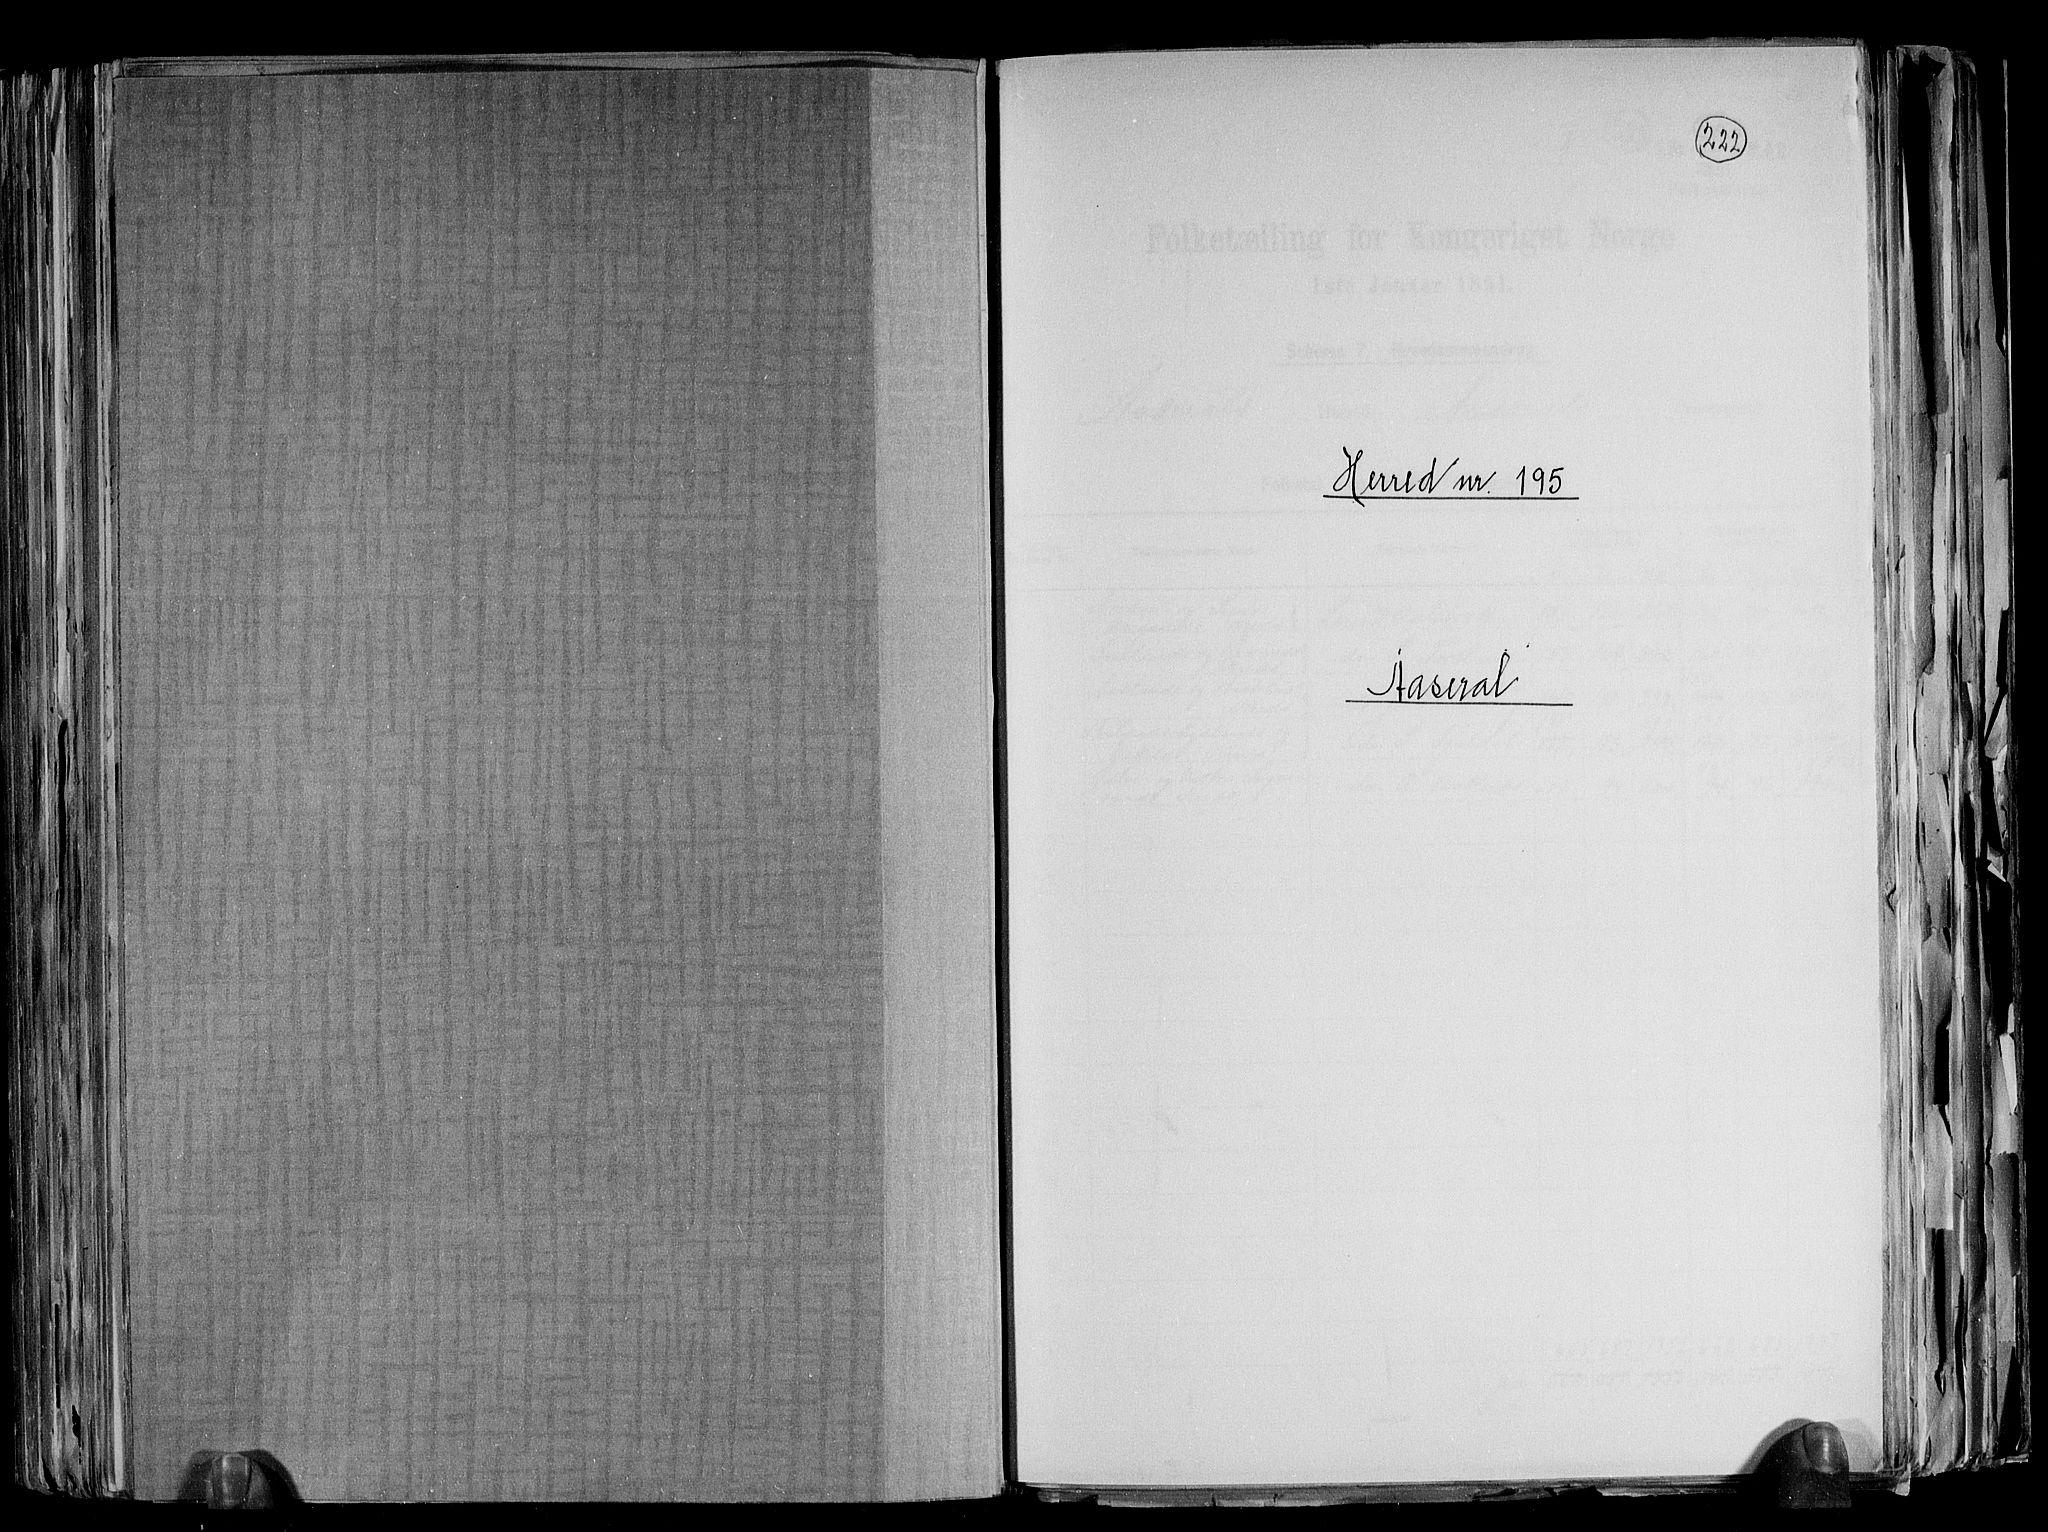 RA, Folketelling 1891 for 1026 Åseral herred, 1891, s. 1